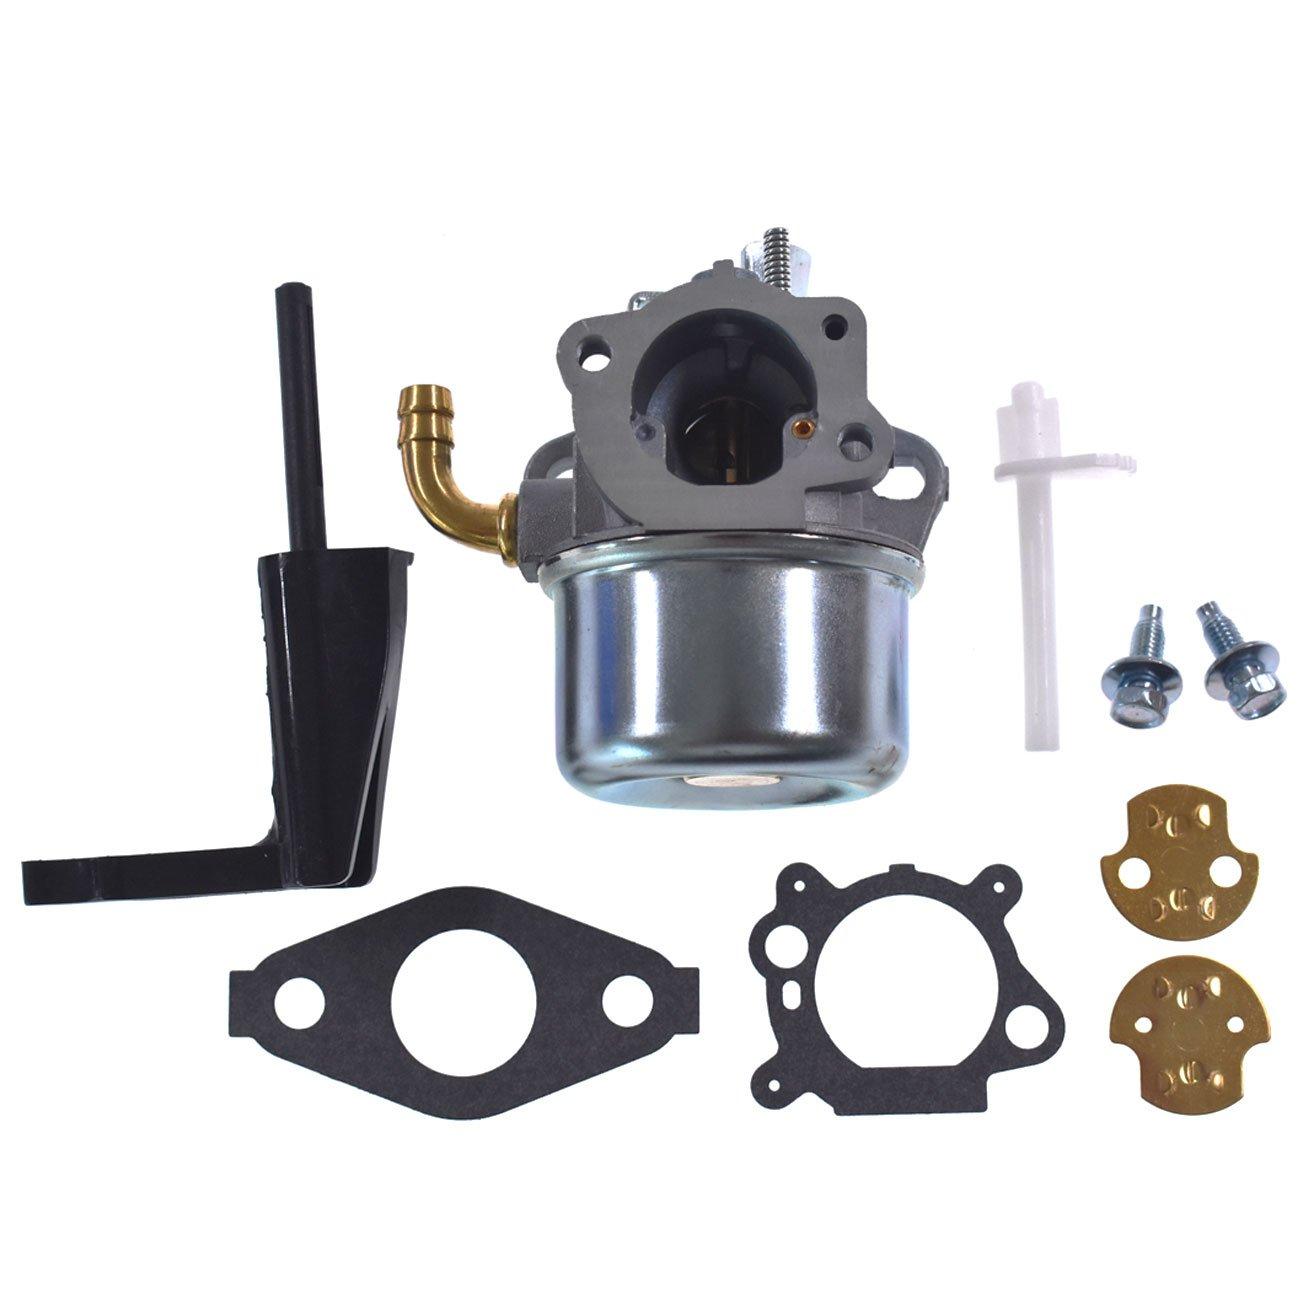 JRL Carburador Carb para Briggs & Stratton Carb Engine Huang Machinery